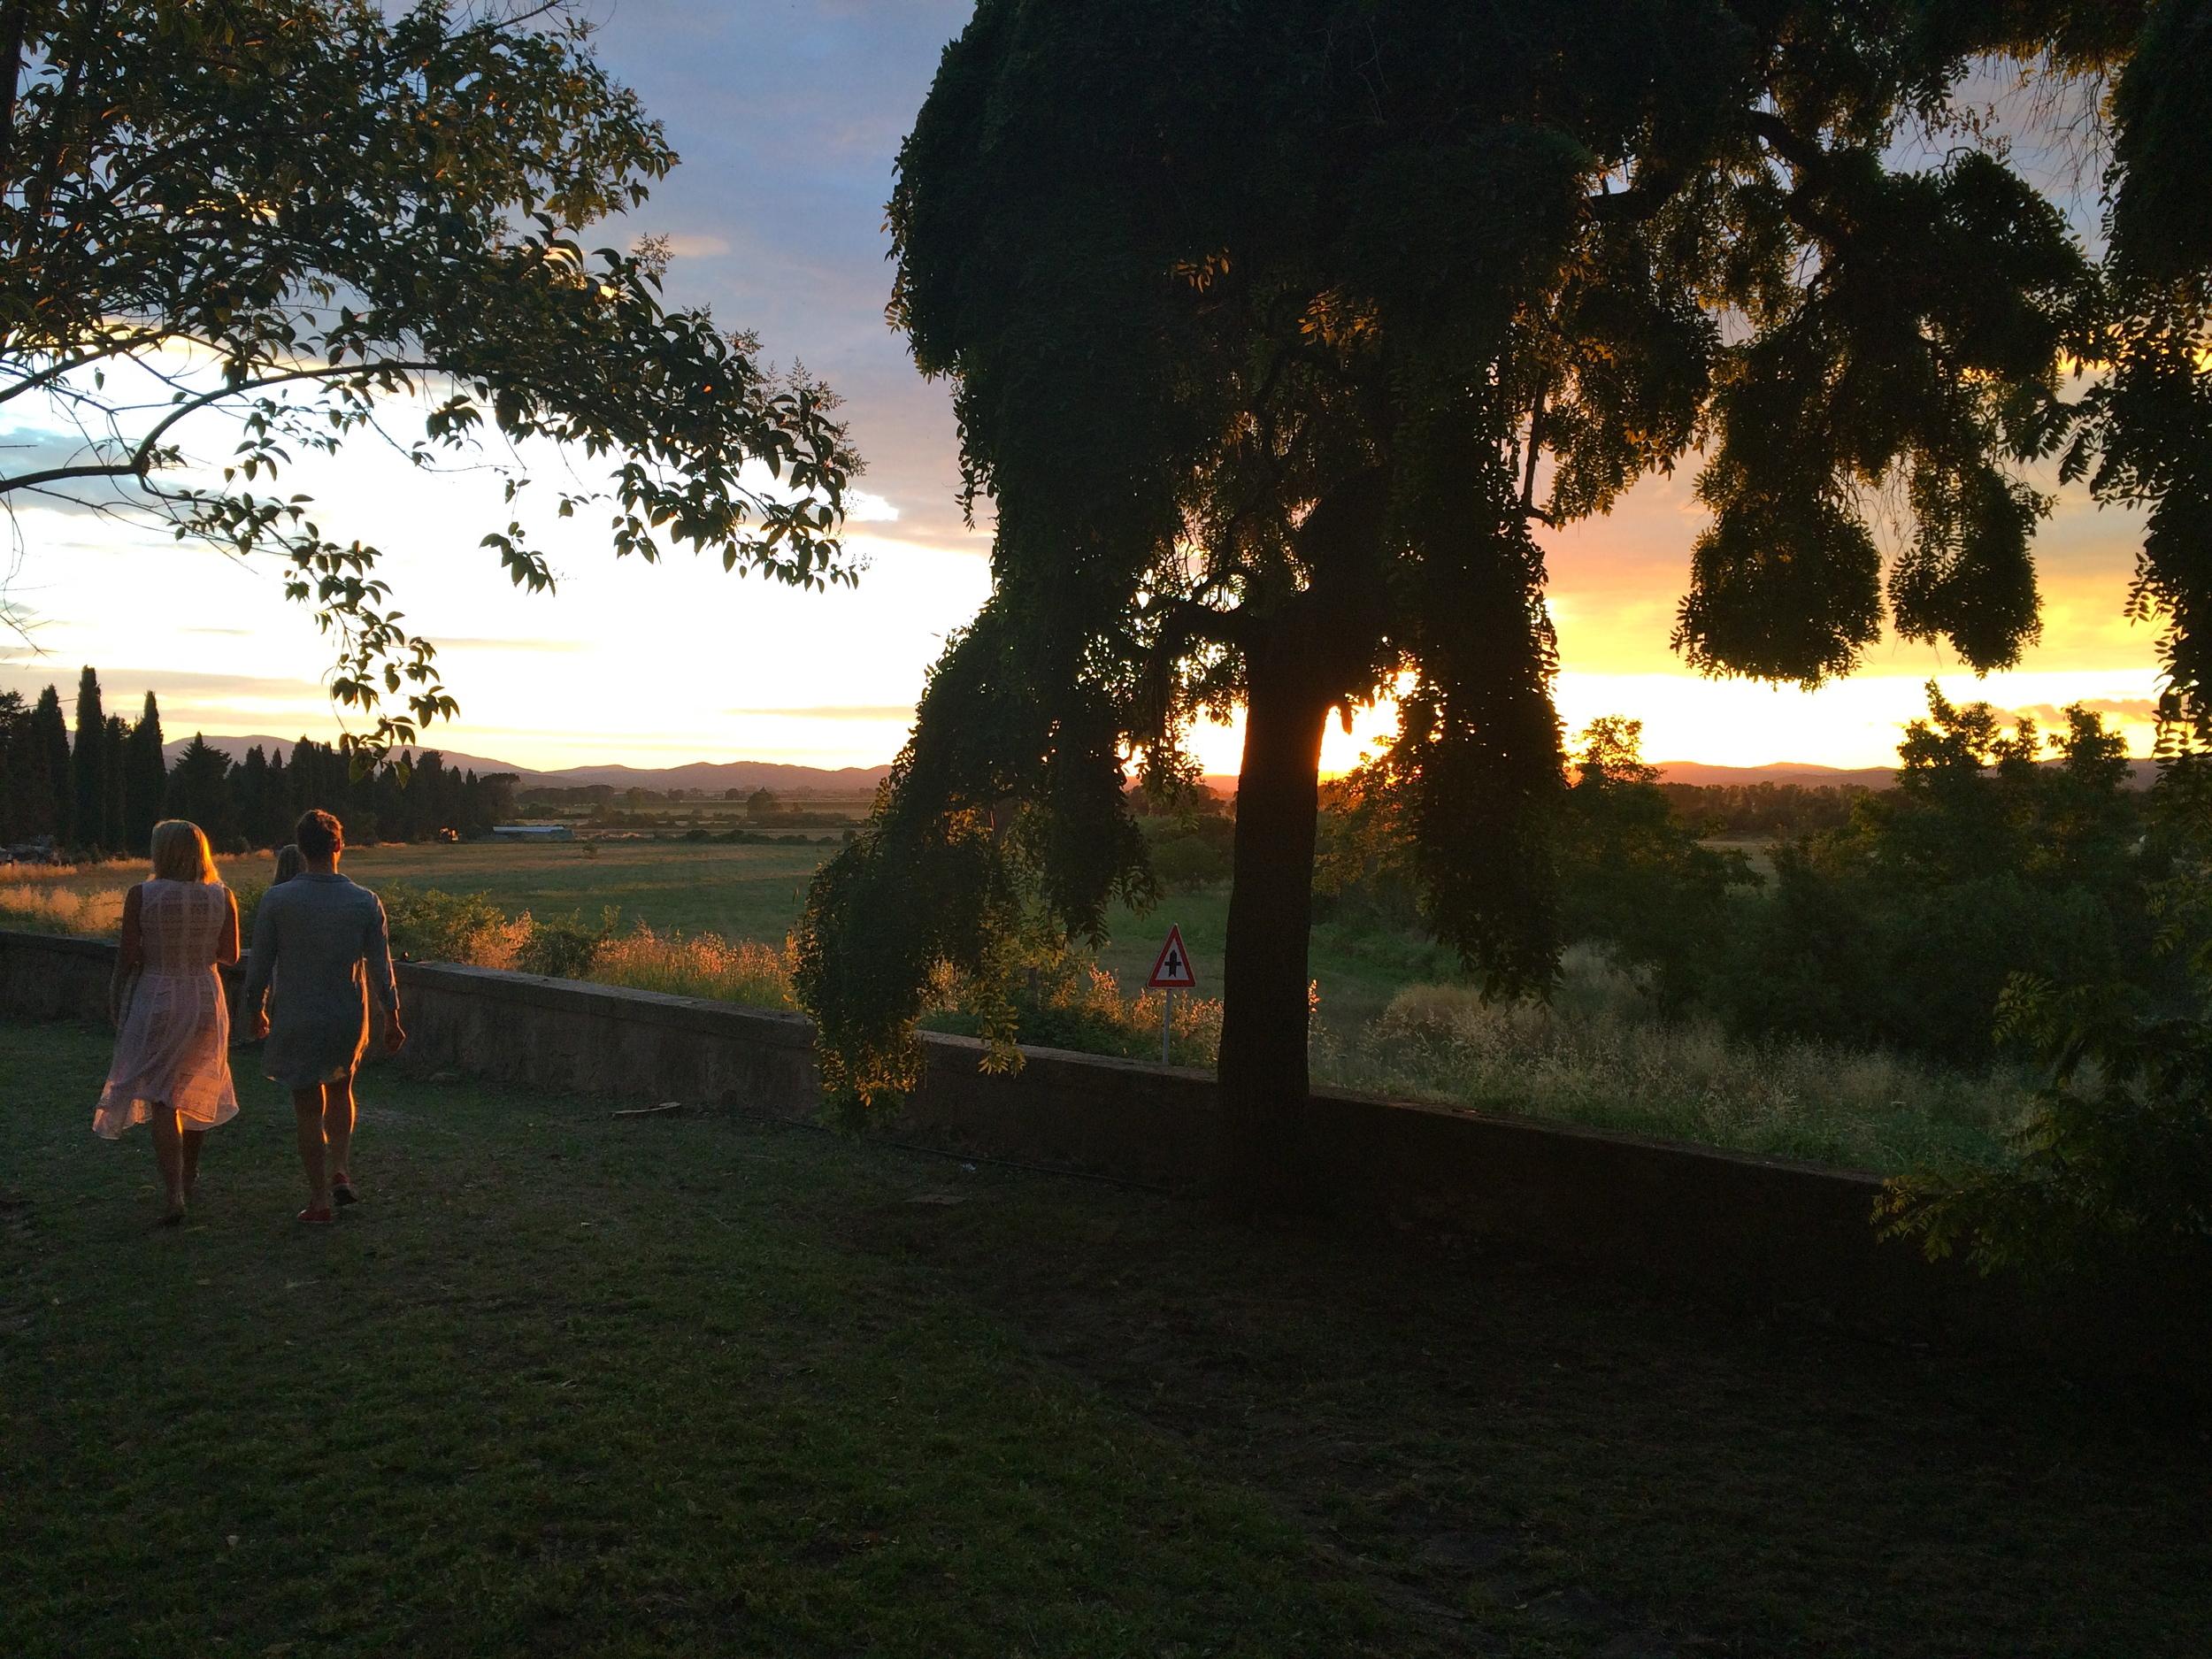 ◆ La Pescaia Resort at sunset